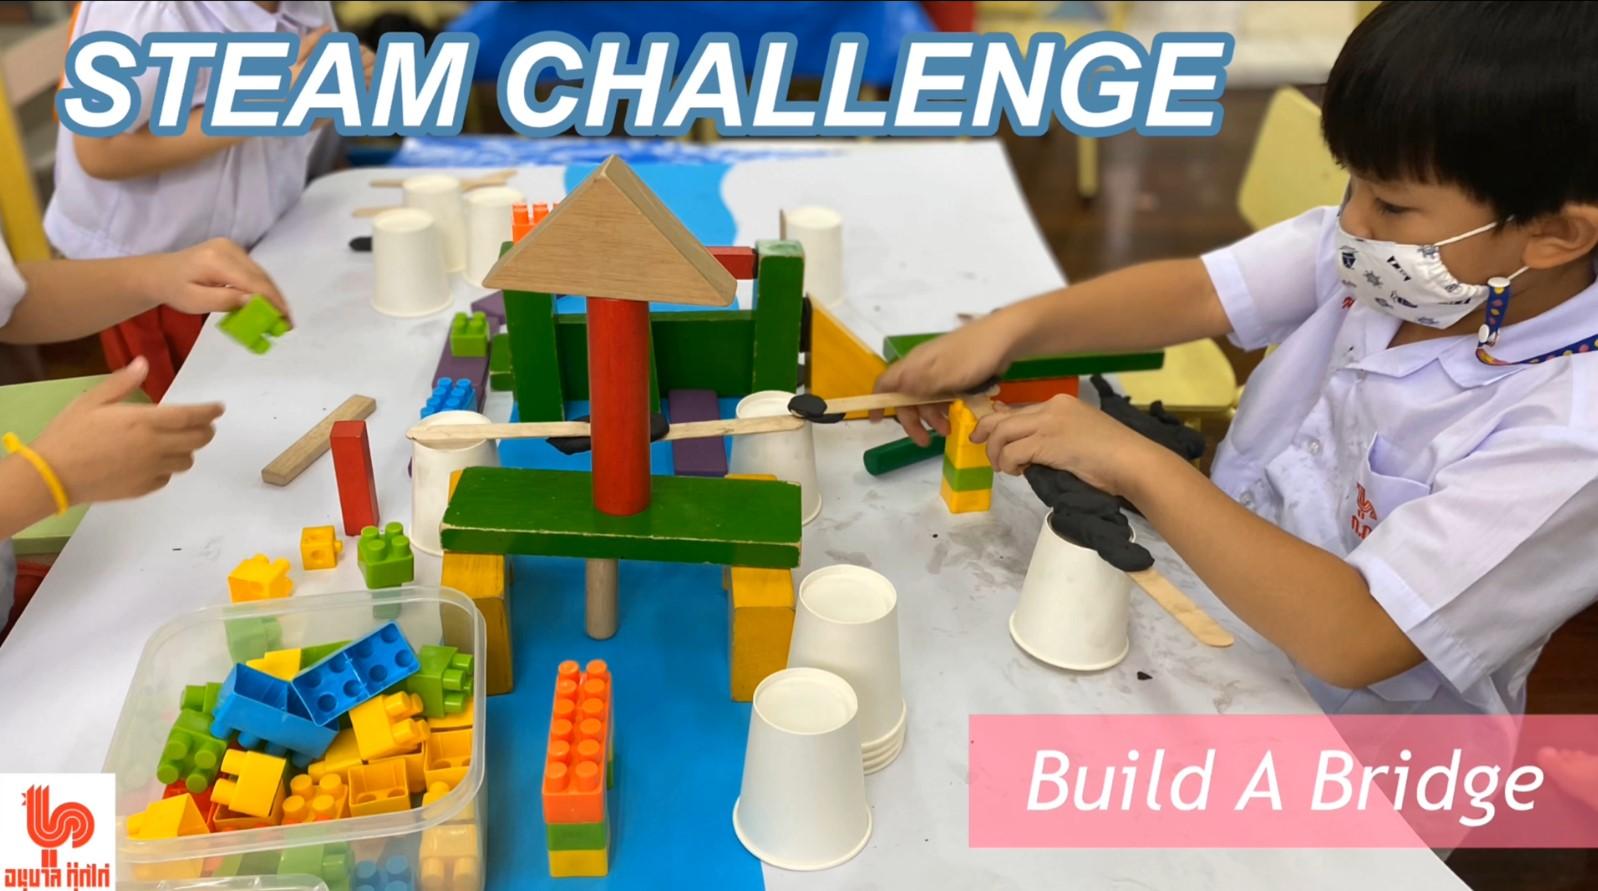 STEAM CHALLENGE : Build A Bridge